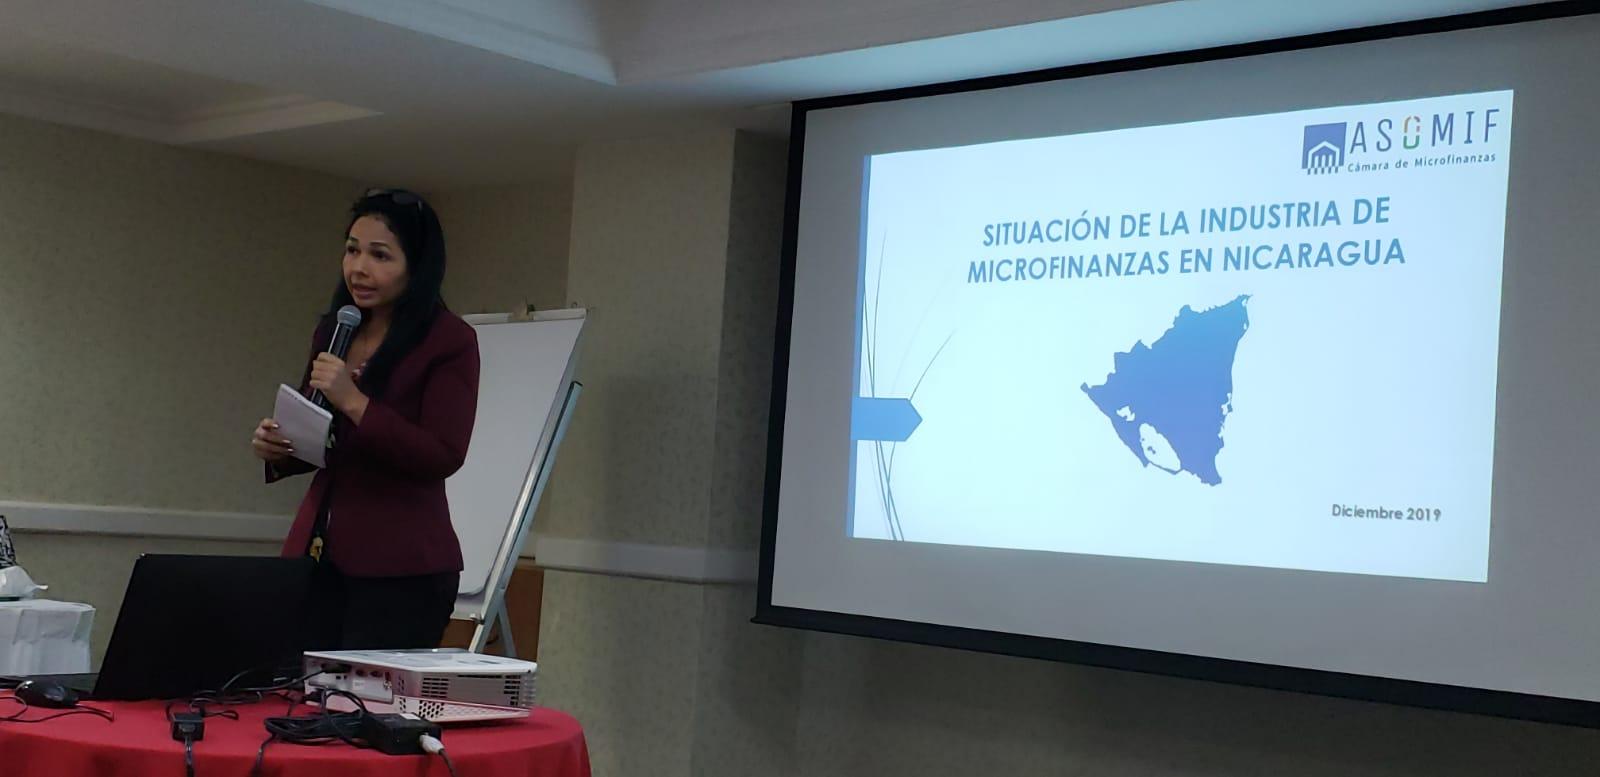 Verónica Herrera, presidenta de la Cámara de Microfinanzas Asomif. Foto: Geovanny Shiffman/Artículo 66